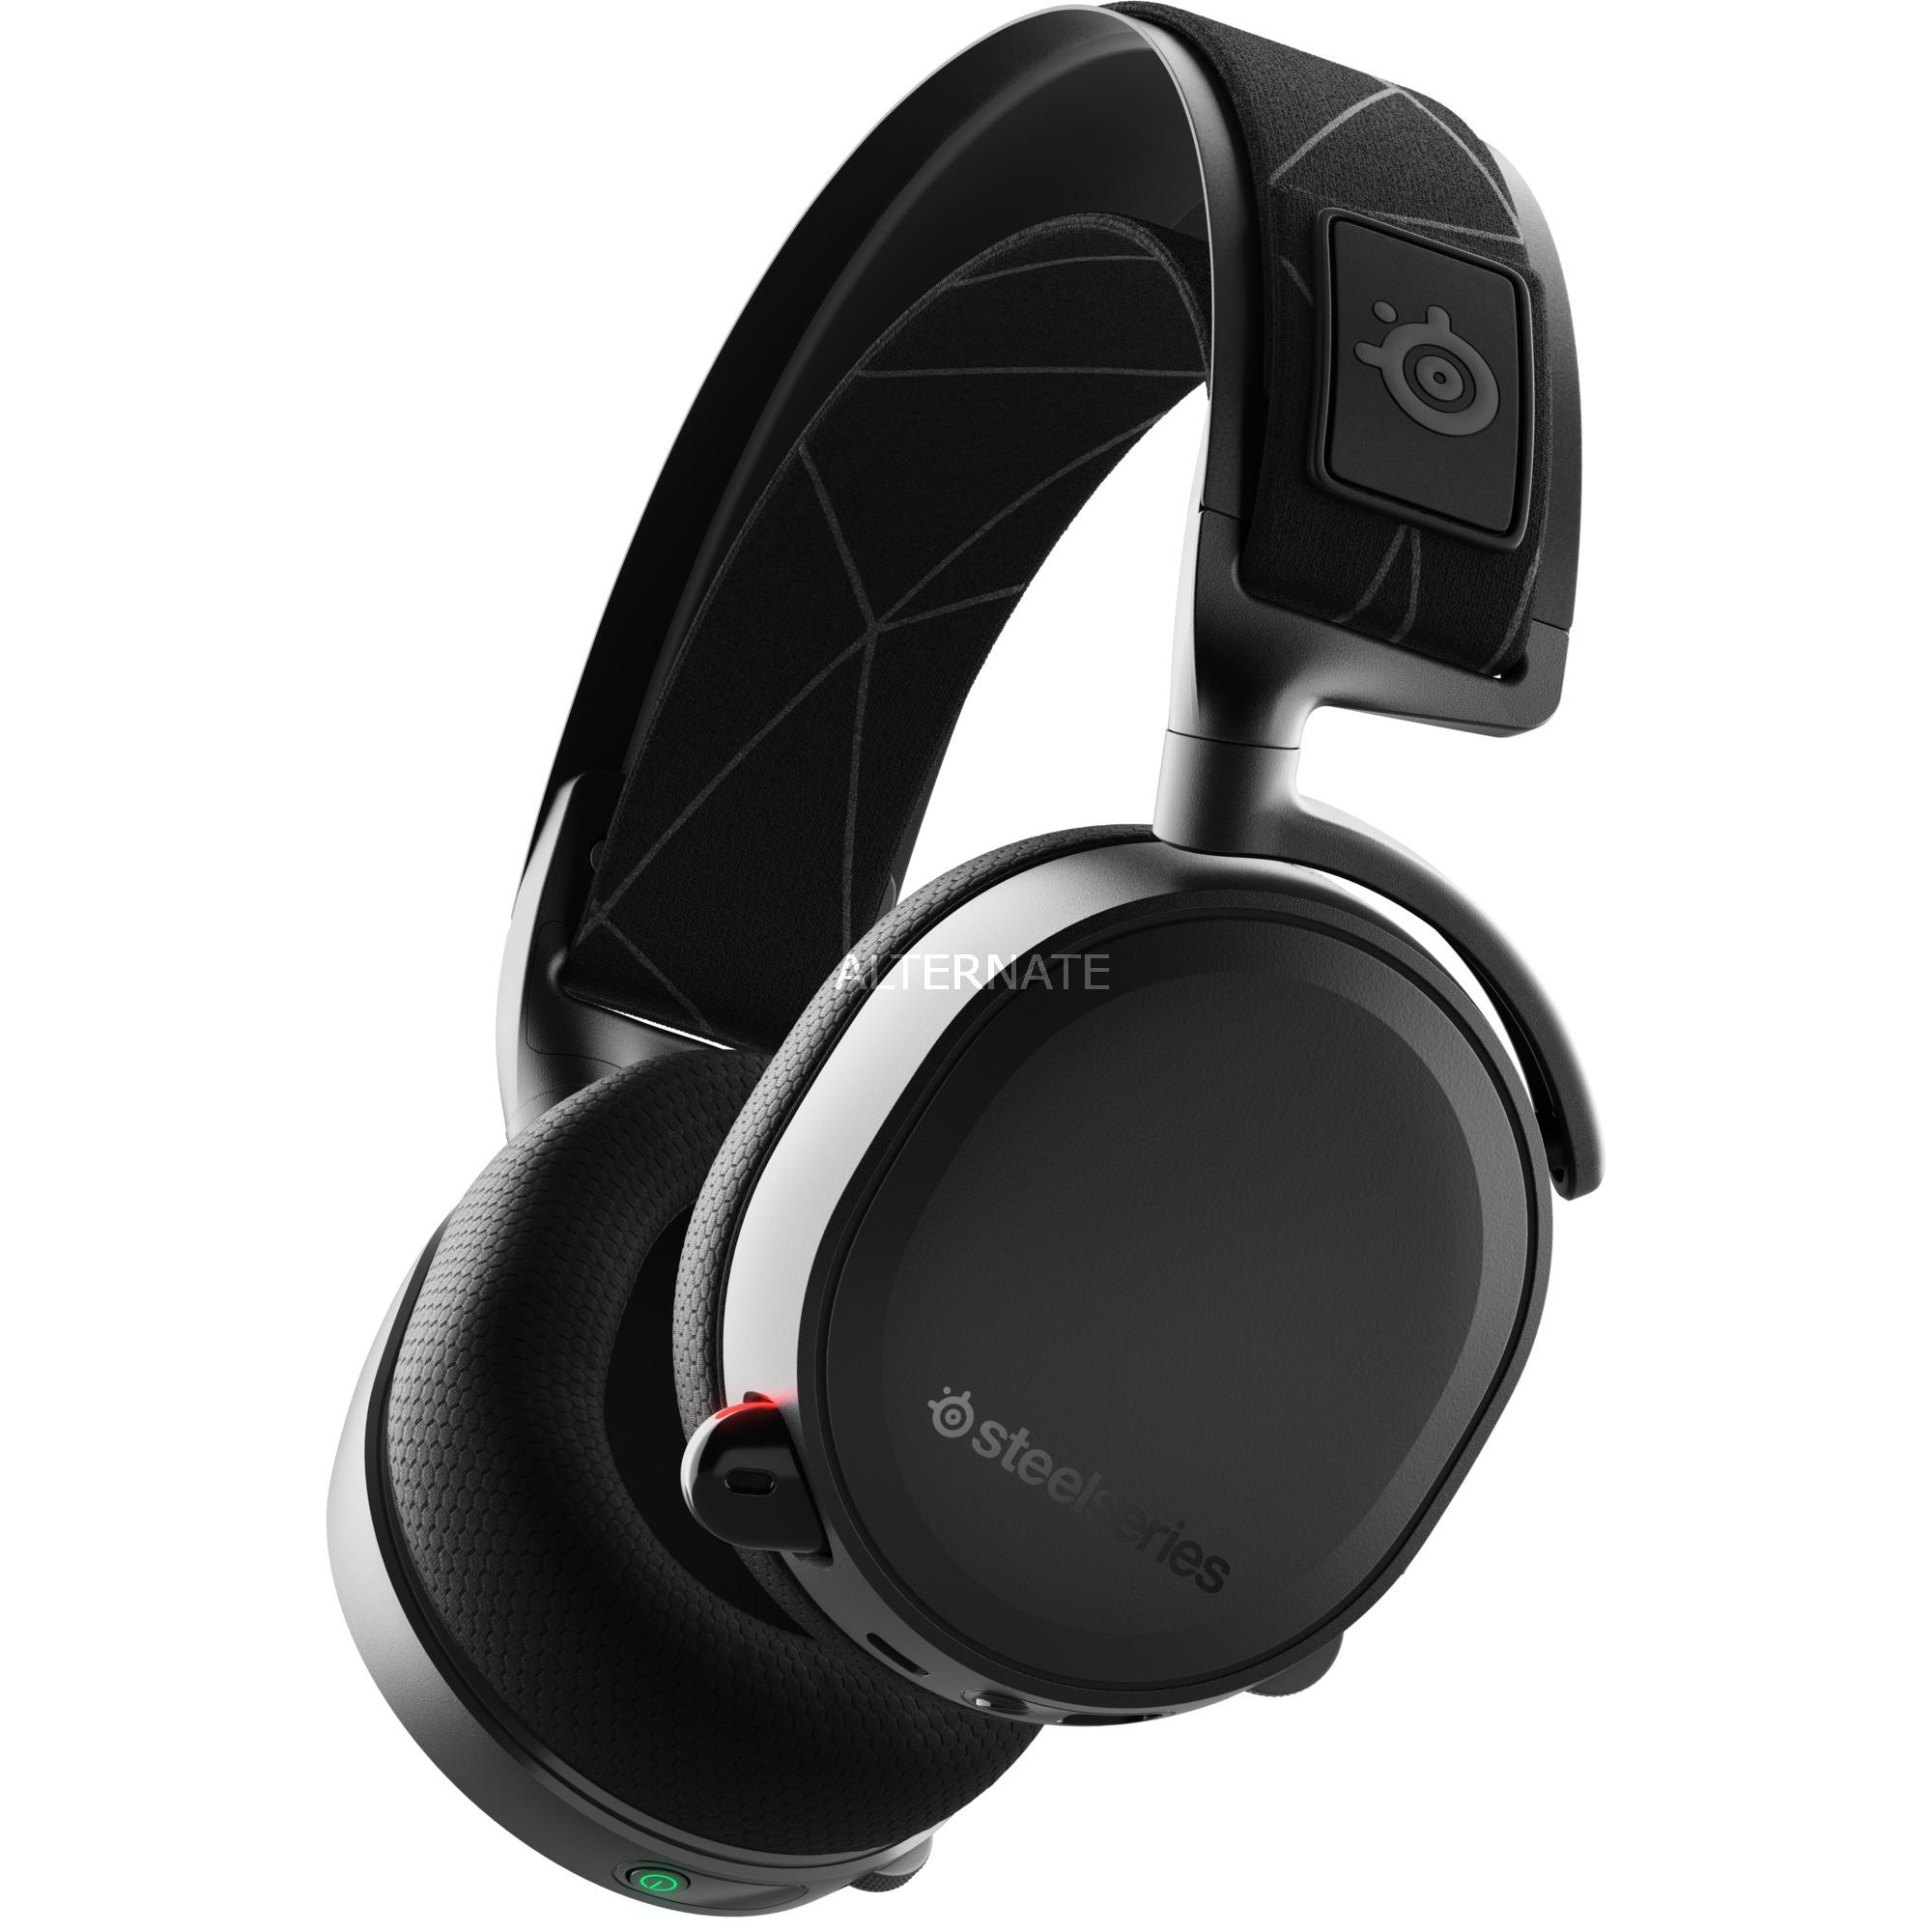 Arctis 7 auricular con micrófono Binaural Diadema Negro, Auriculares con micrófono